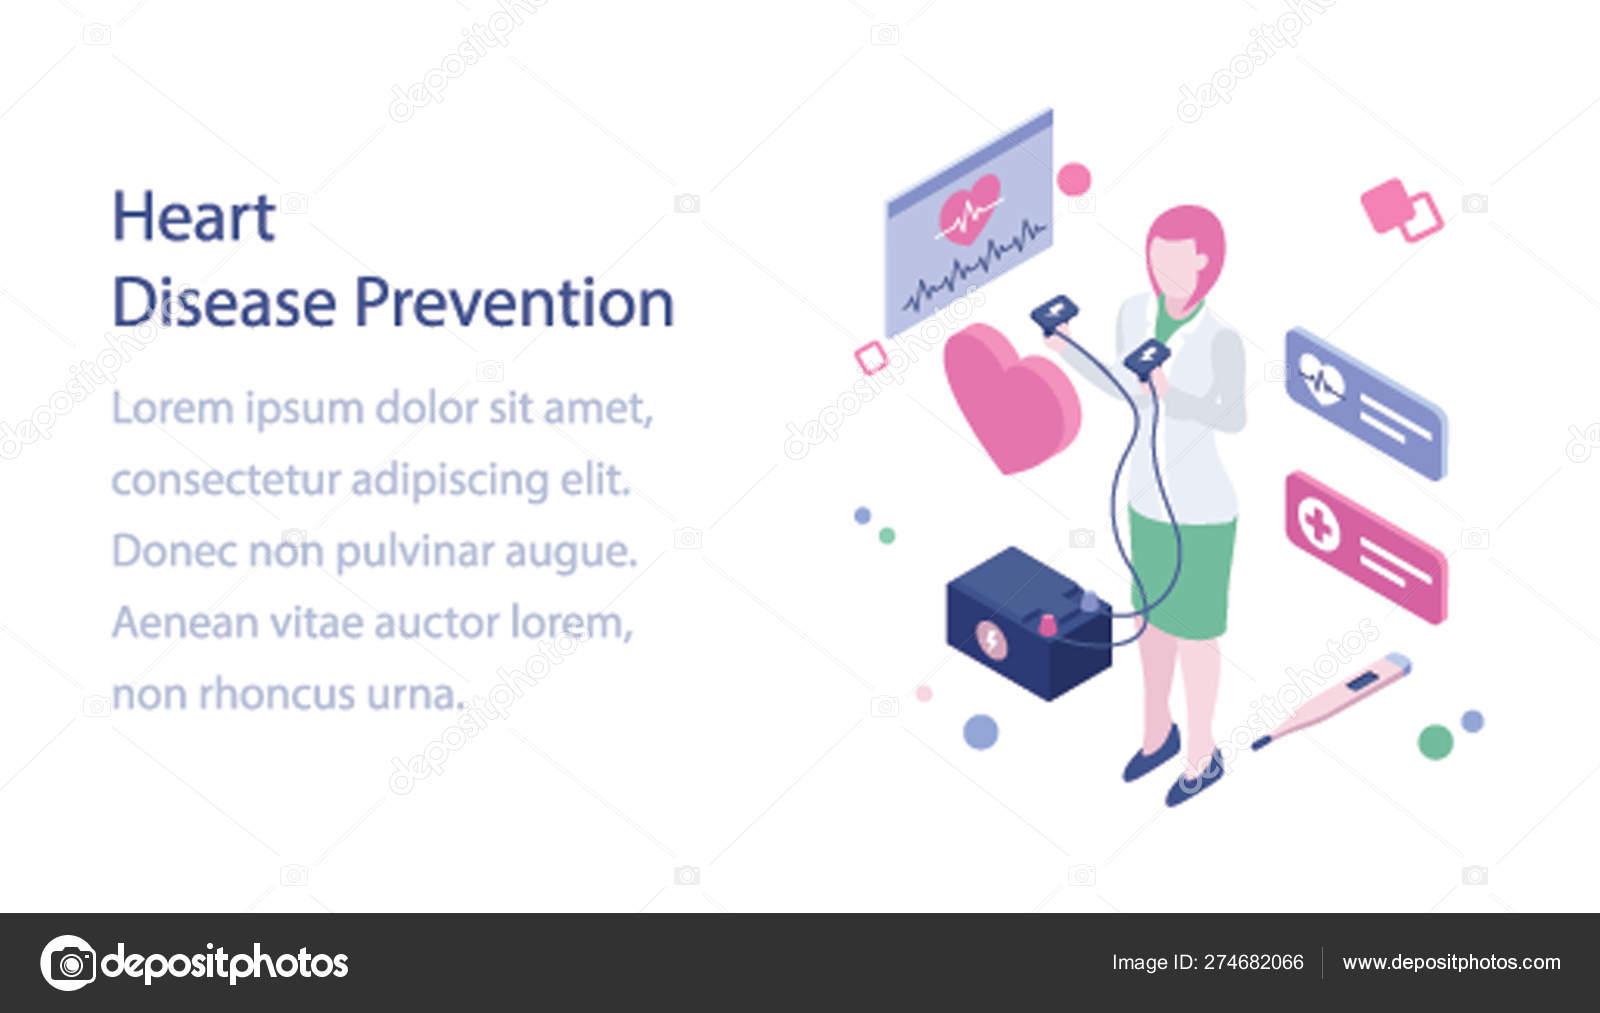 Heart Disease Prevention Isometric Illustration — Stock